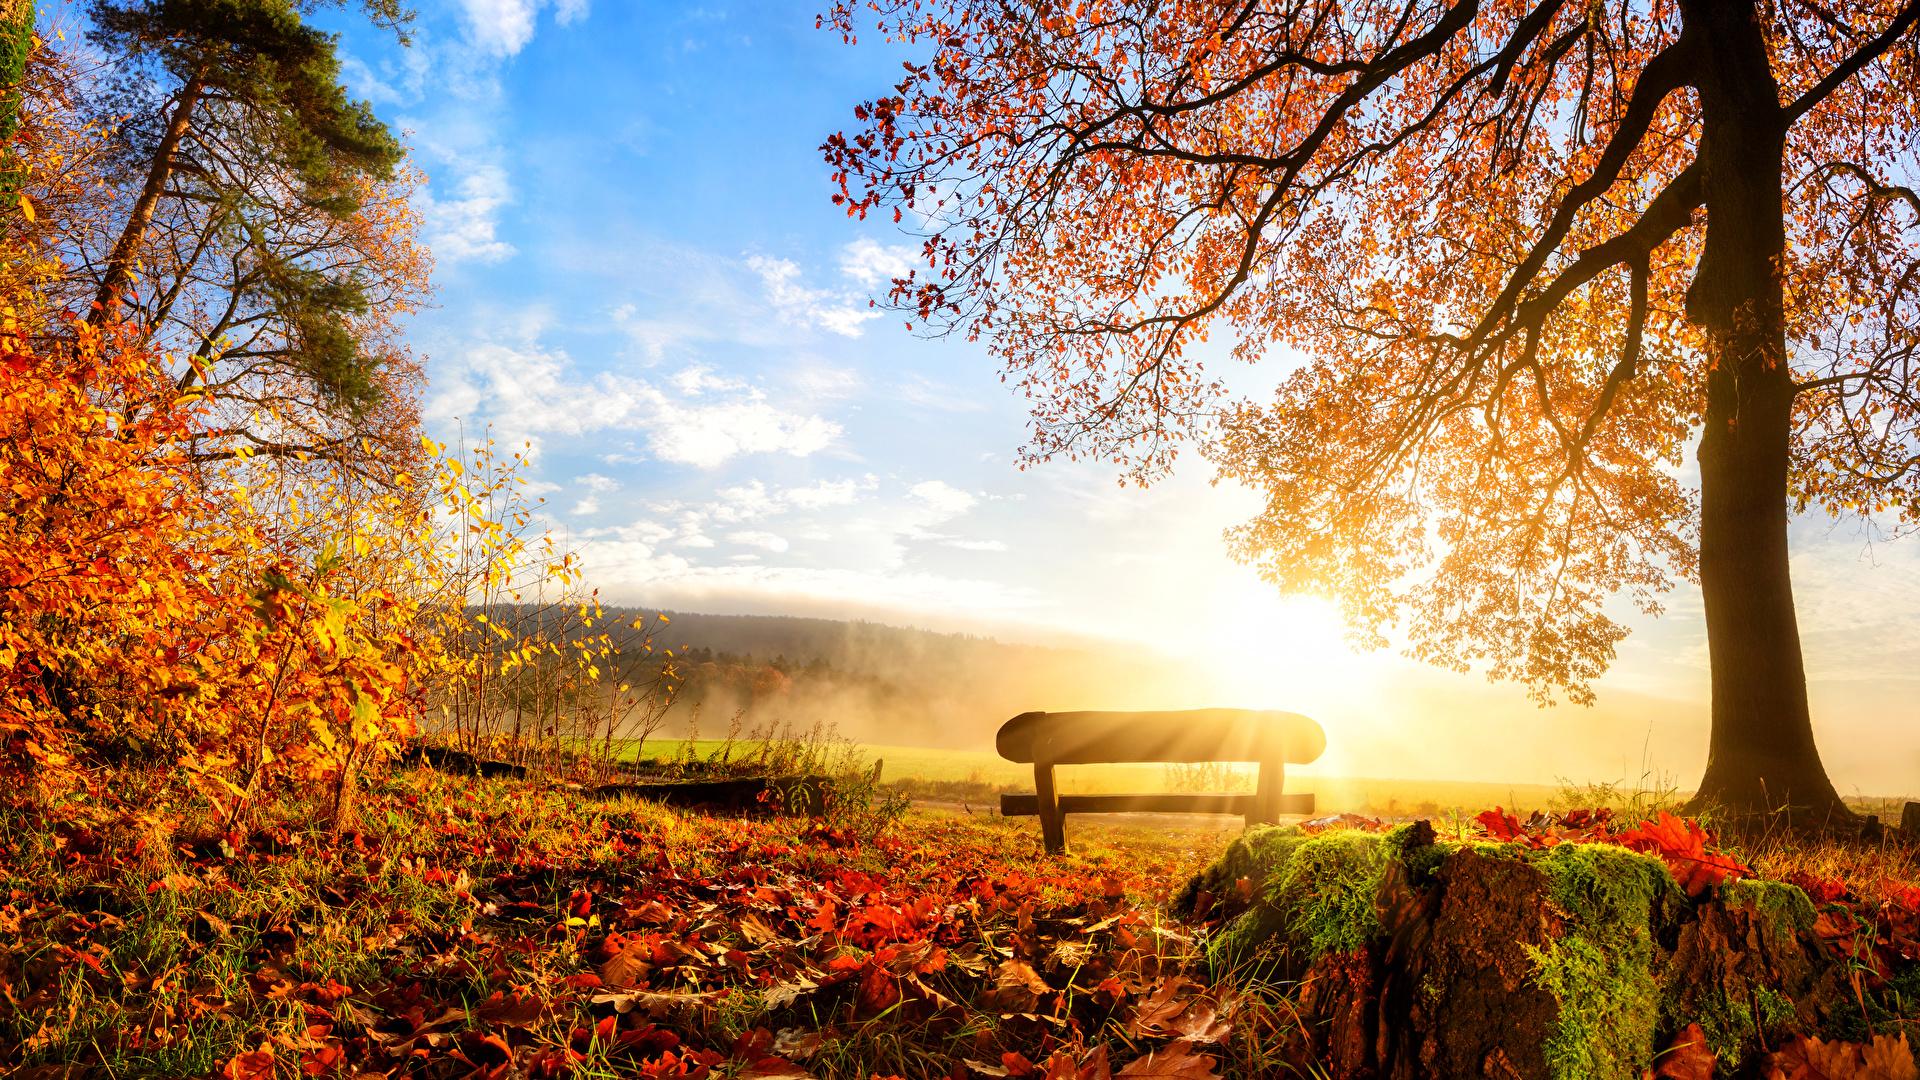 壁紙 19x1080 季節 秋 風景写真 木 木の葉 ベンチ 自然 ダウンロード 写真